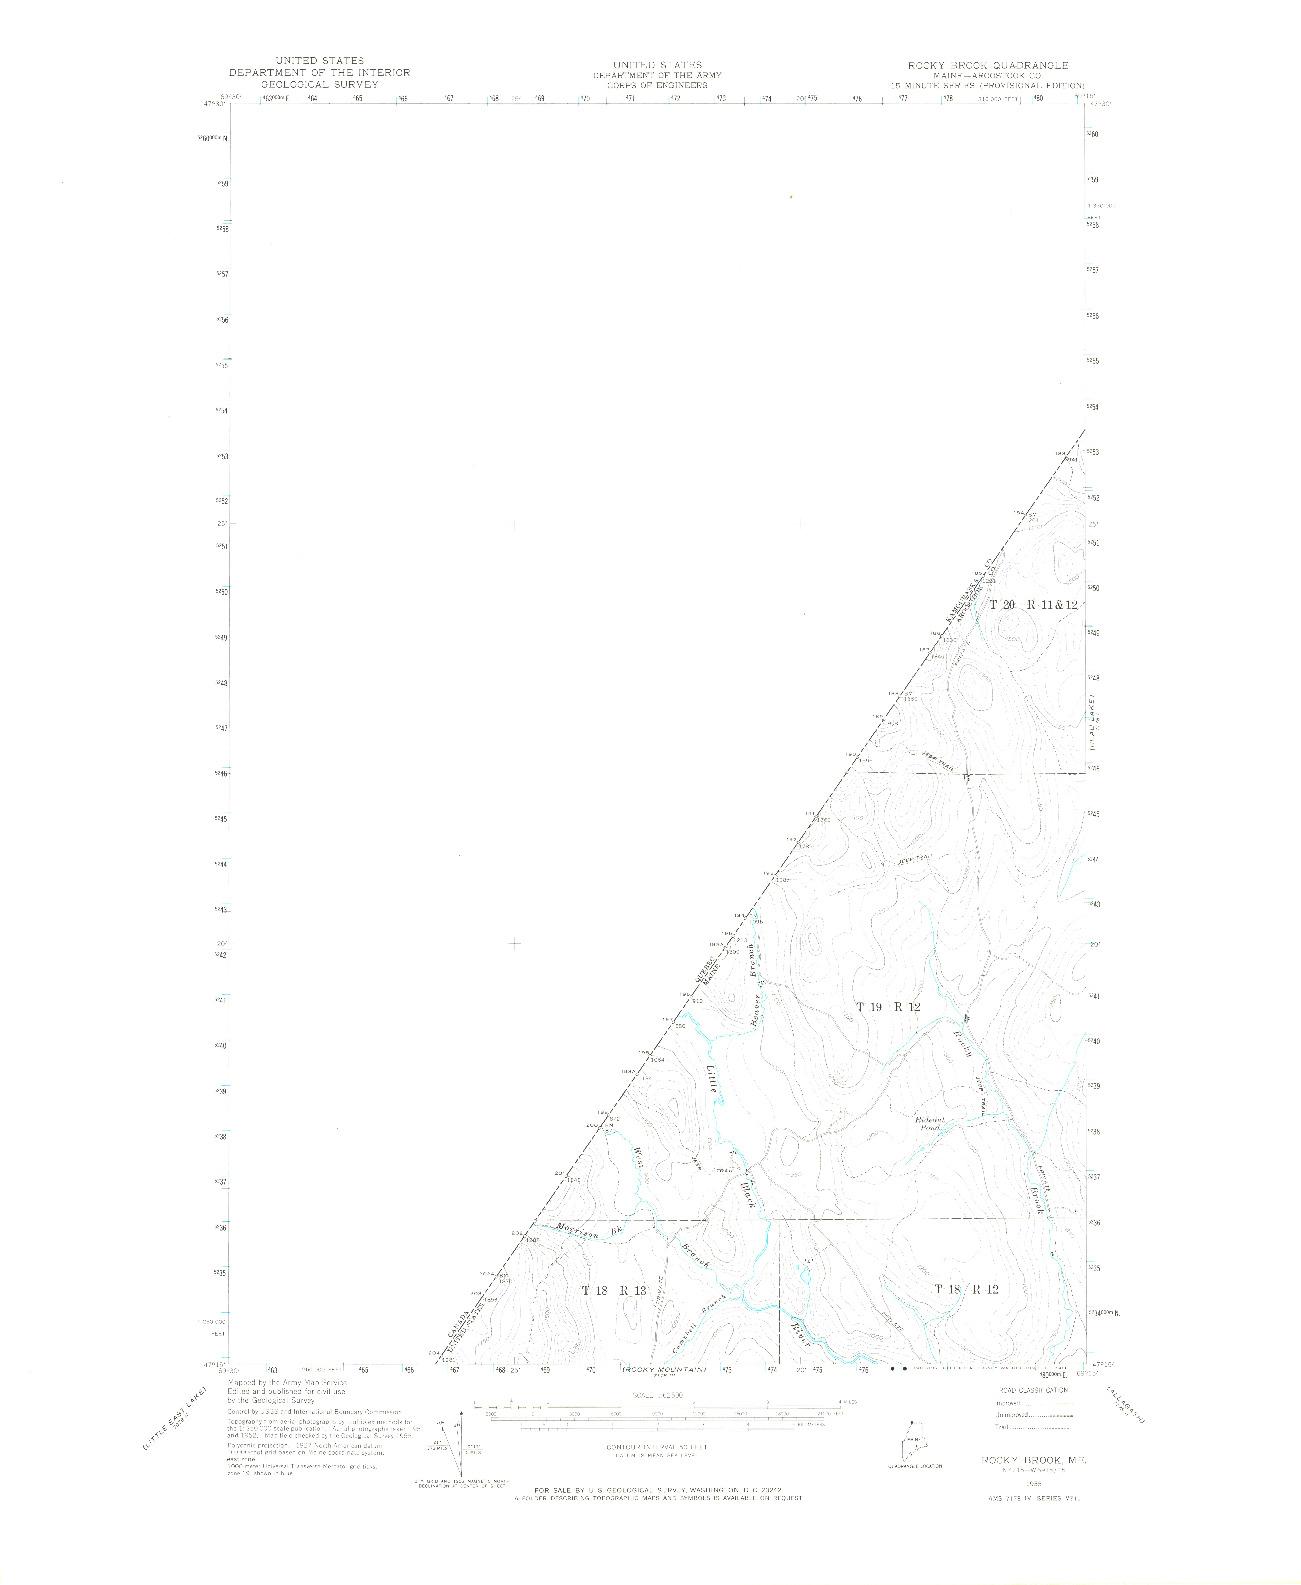 USGS 1:62500-SCALE QUADRANGLE FOR ROCKY BROOK, ME 1955